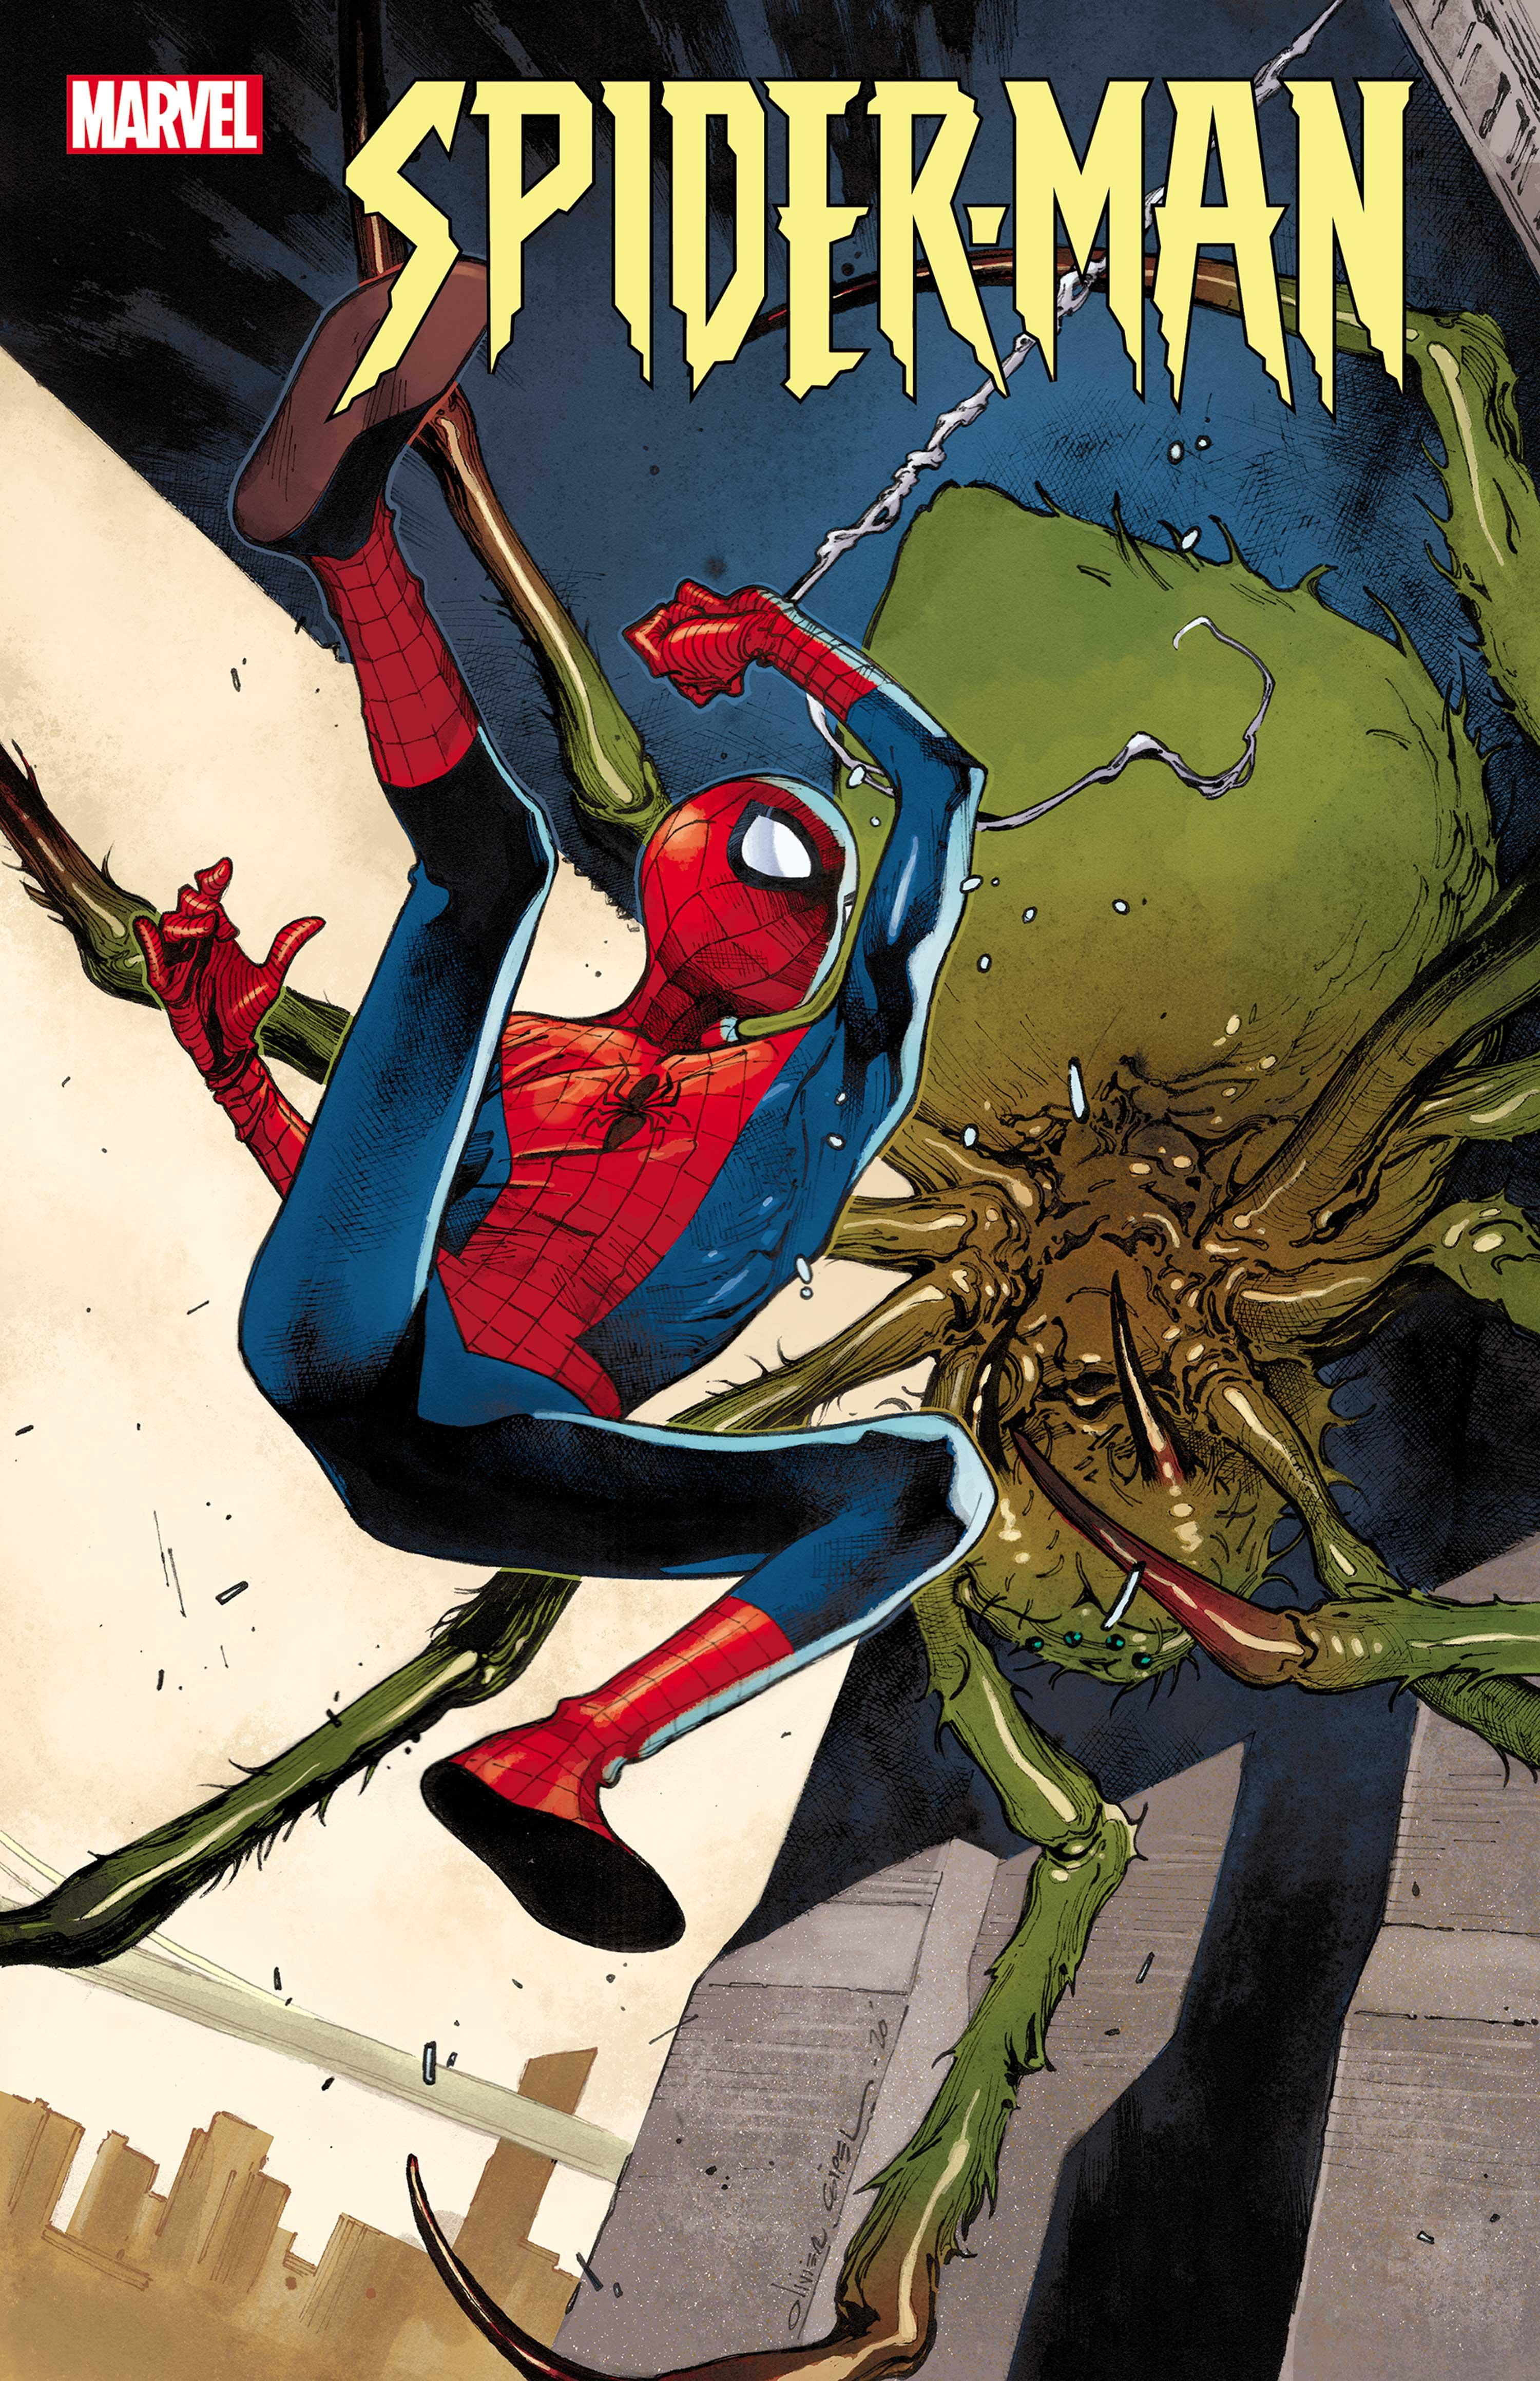 Spider-Man (2019) #4